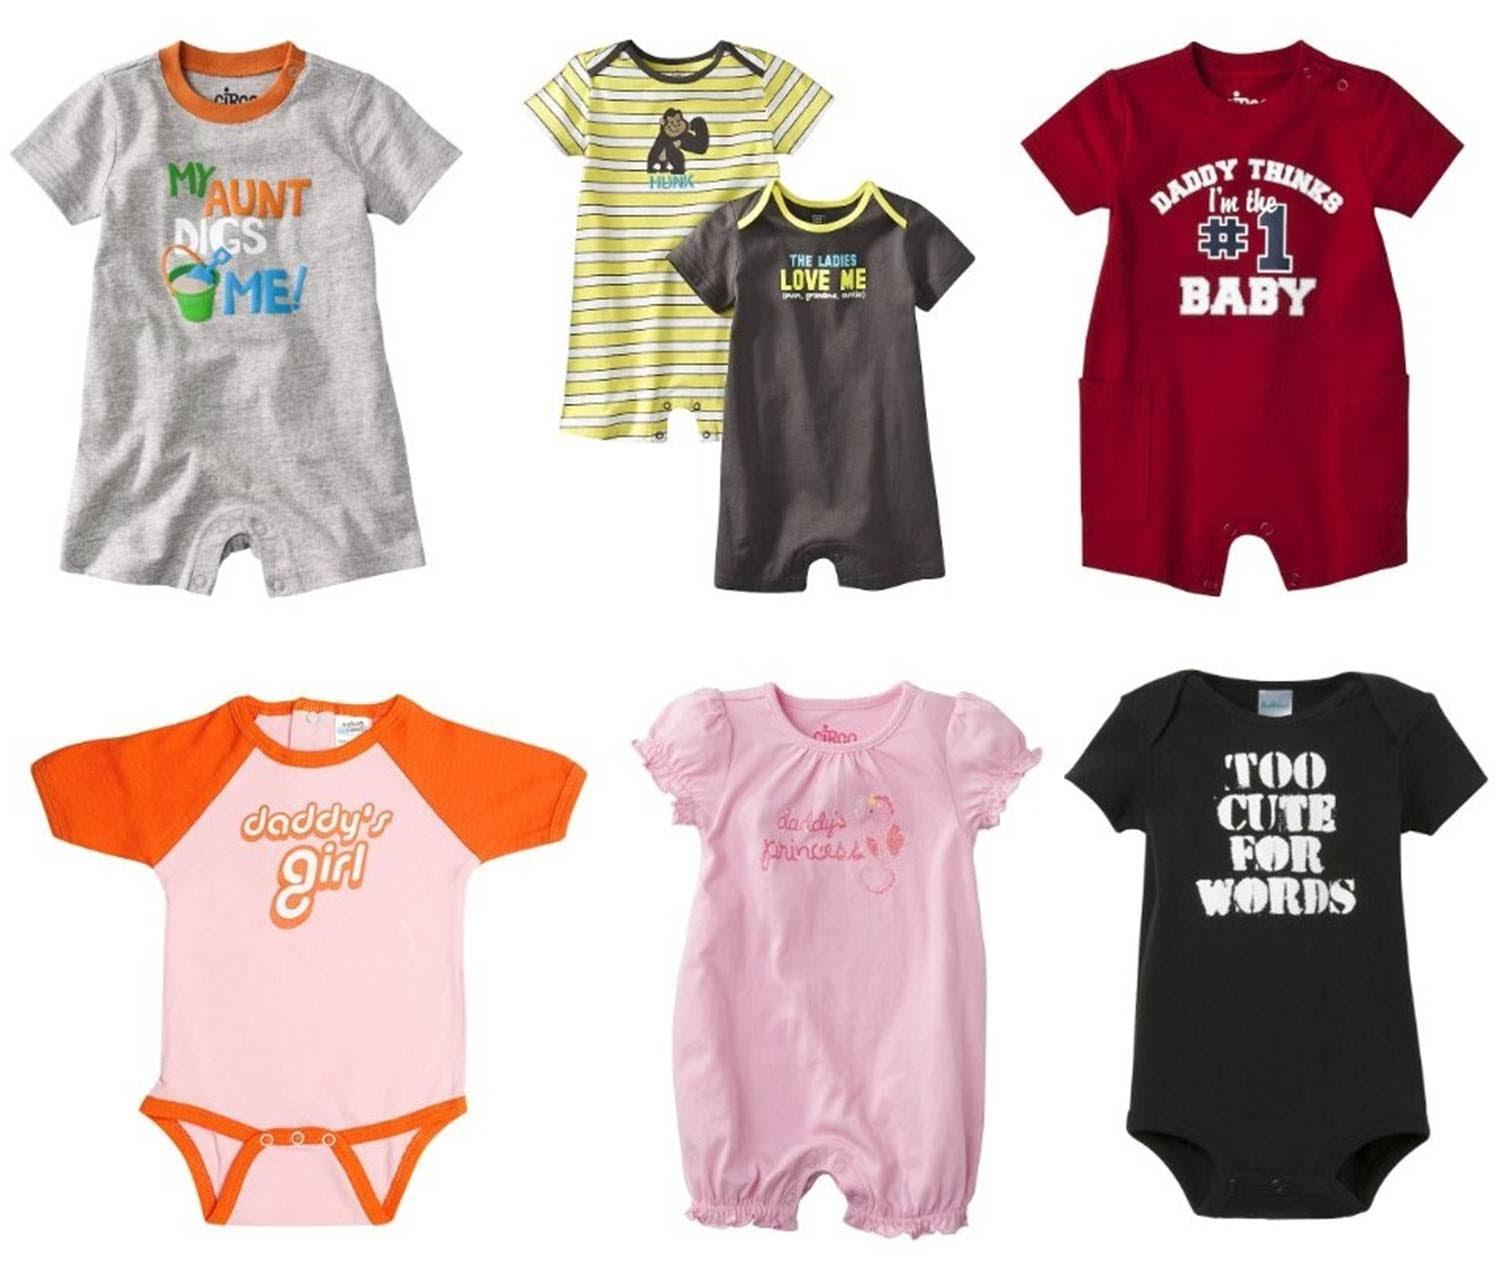 بالصور ملابس اطفال للبيع , الملابس الطفوليه الجميله 2611 8